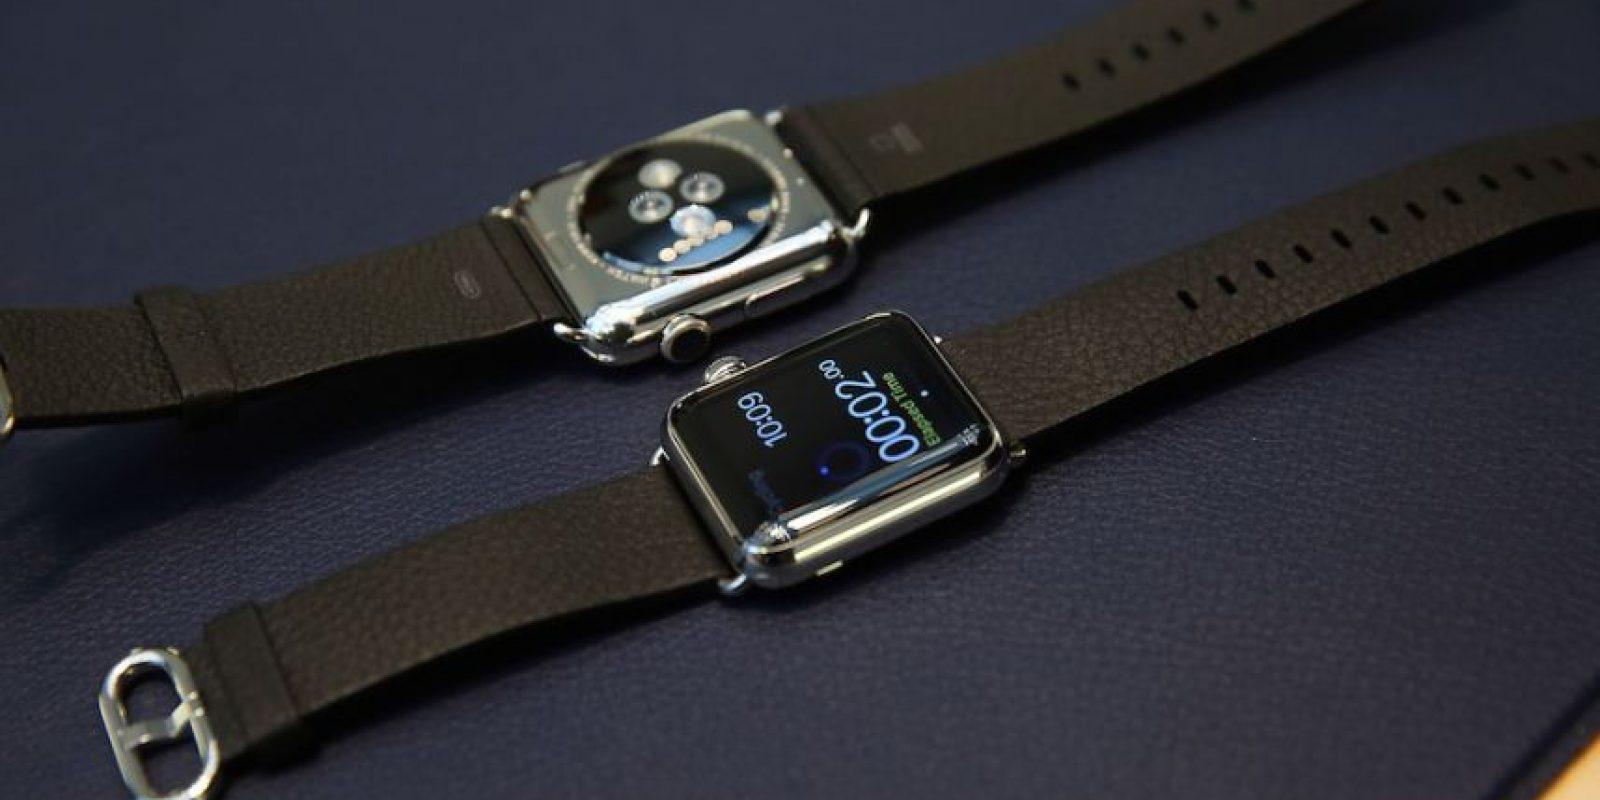 Debido a la falta de unidades, los usuarios únicamente pueden reservar dos relojes. Foto:Getty Images